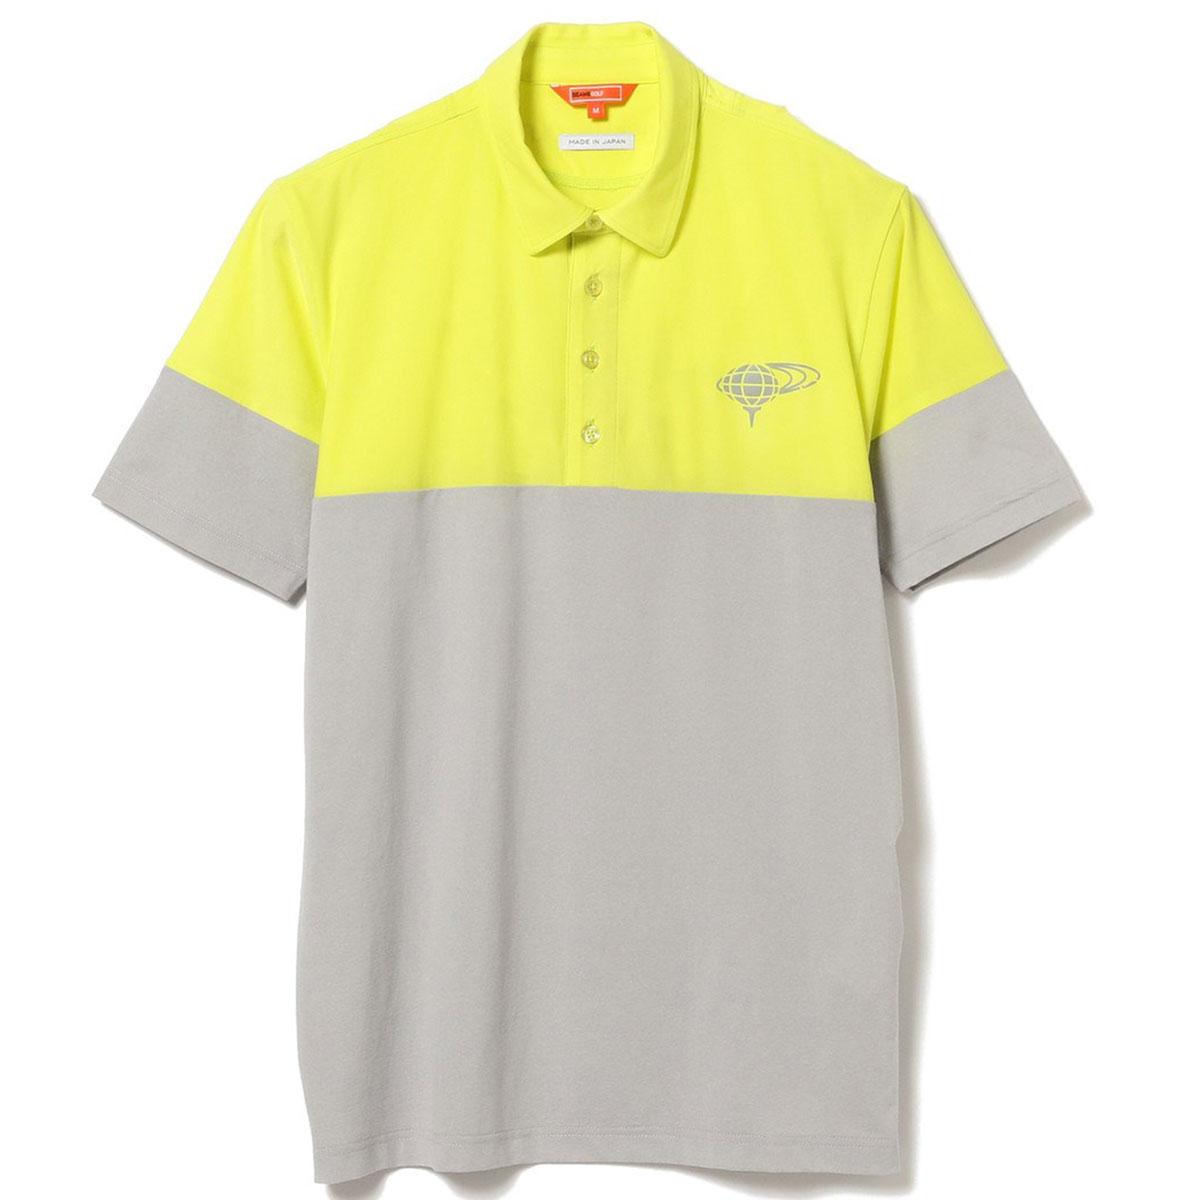 BEAMS GOLF ORANGE LABEL チェンジ オーバー ポロシャツ